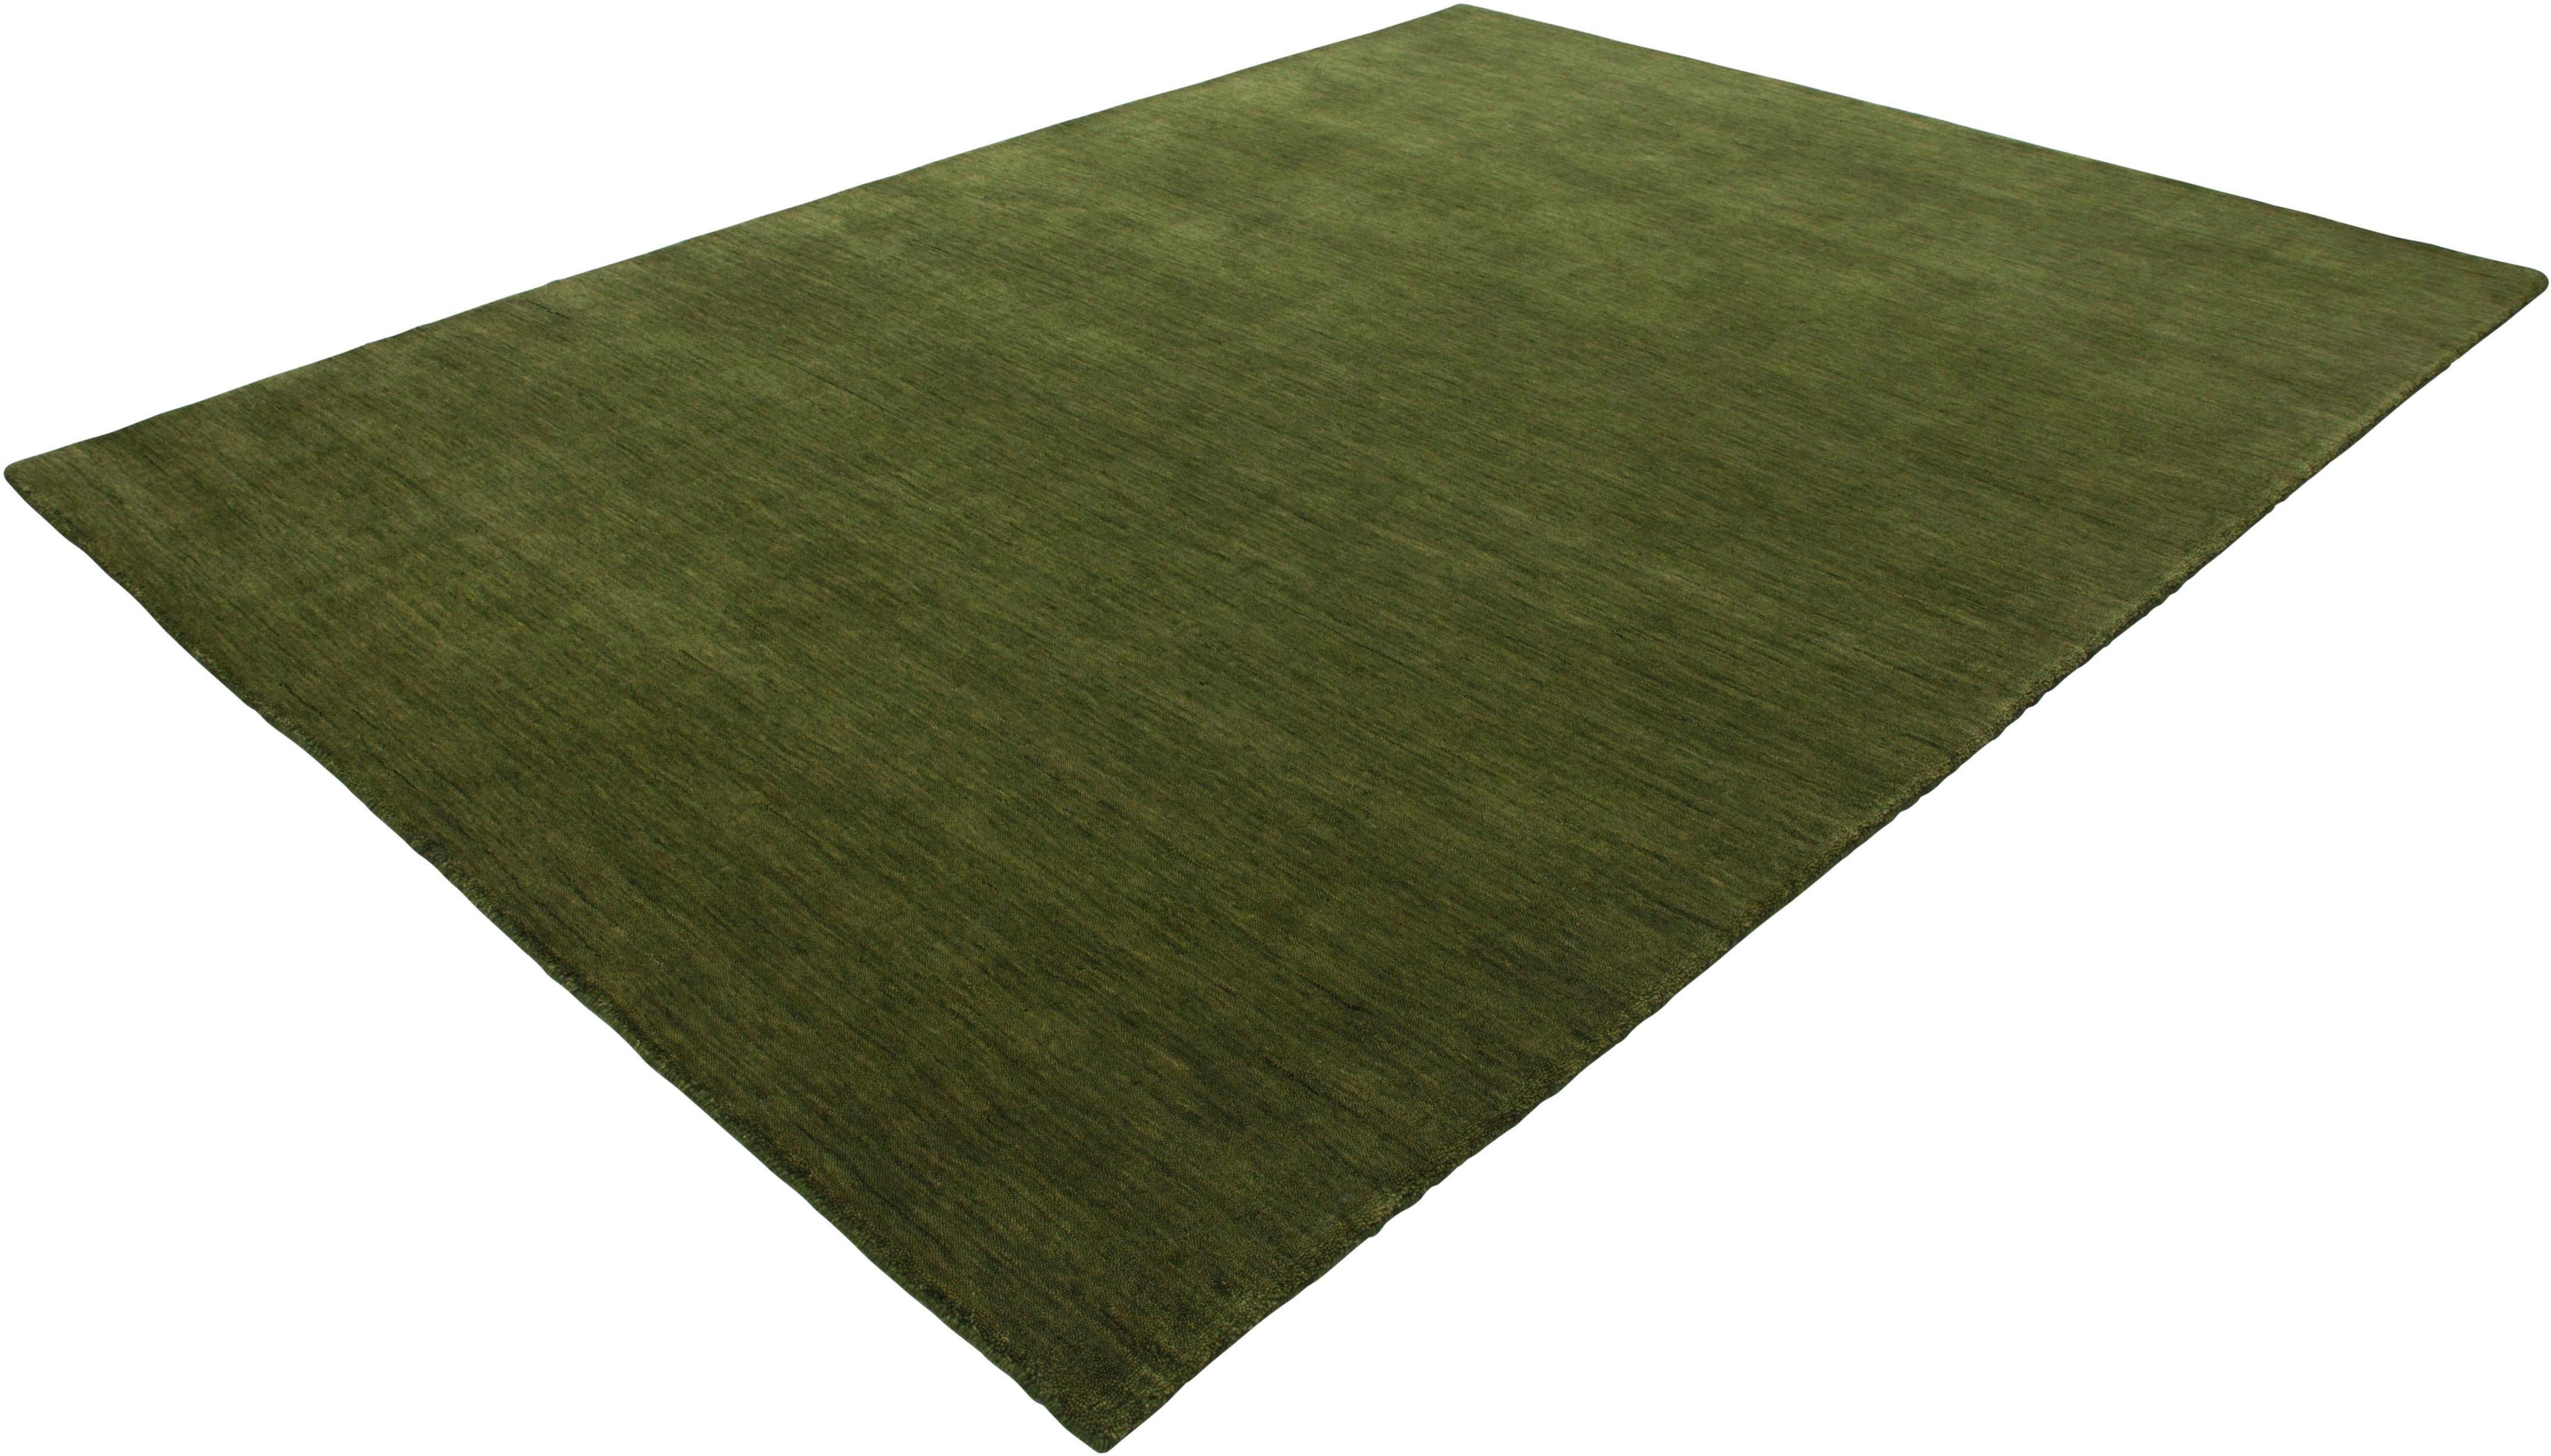 Calo-deluxe Wollen kleed, »Breez 100«, rechthoekig, hoogte 15 mm, met de hand geknoopt nu online kopen bij OTTO